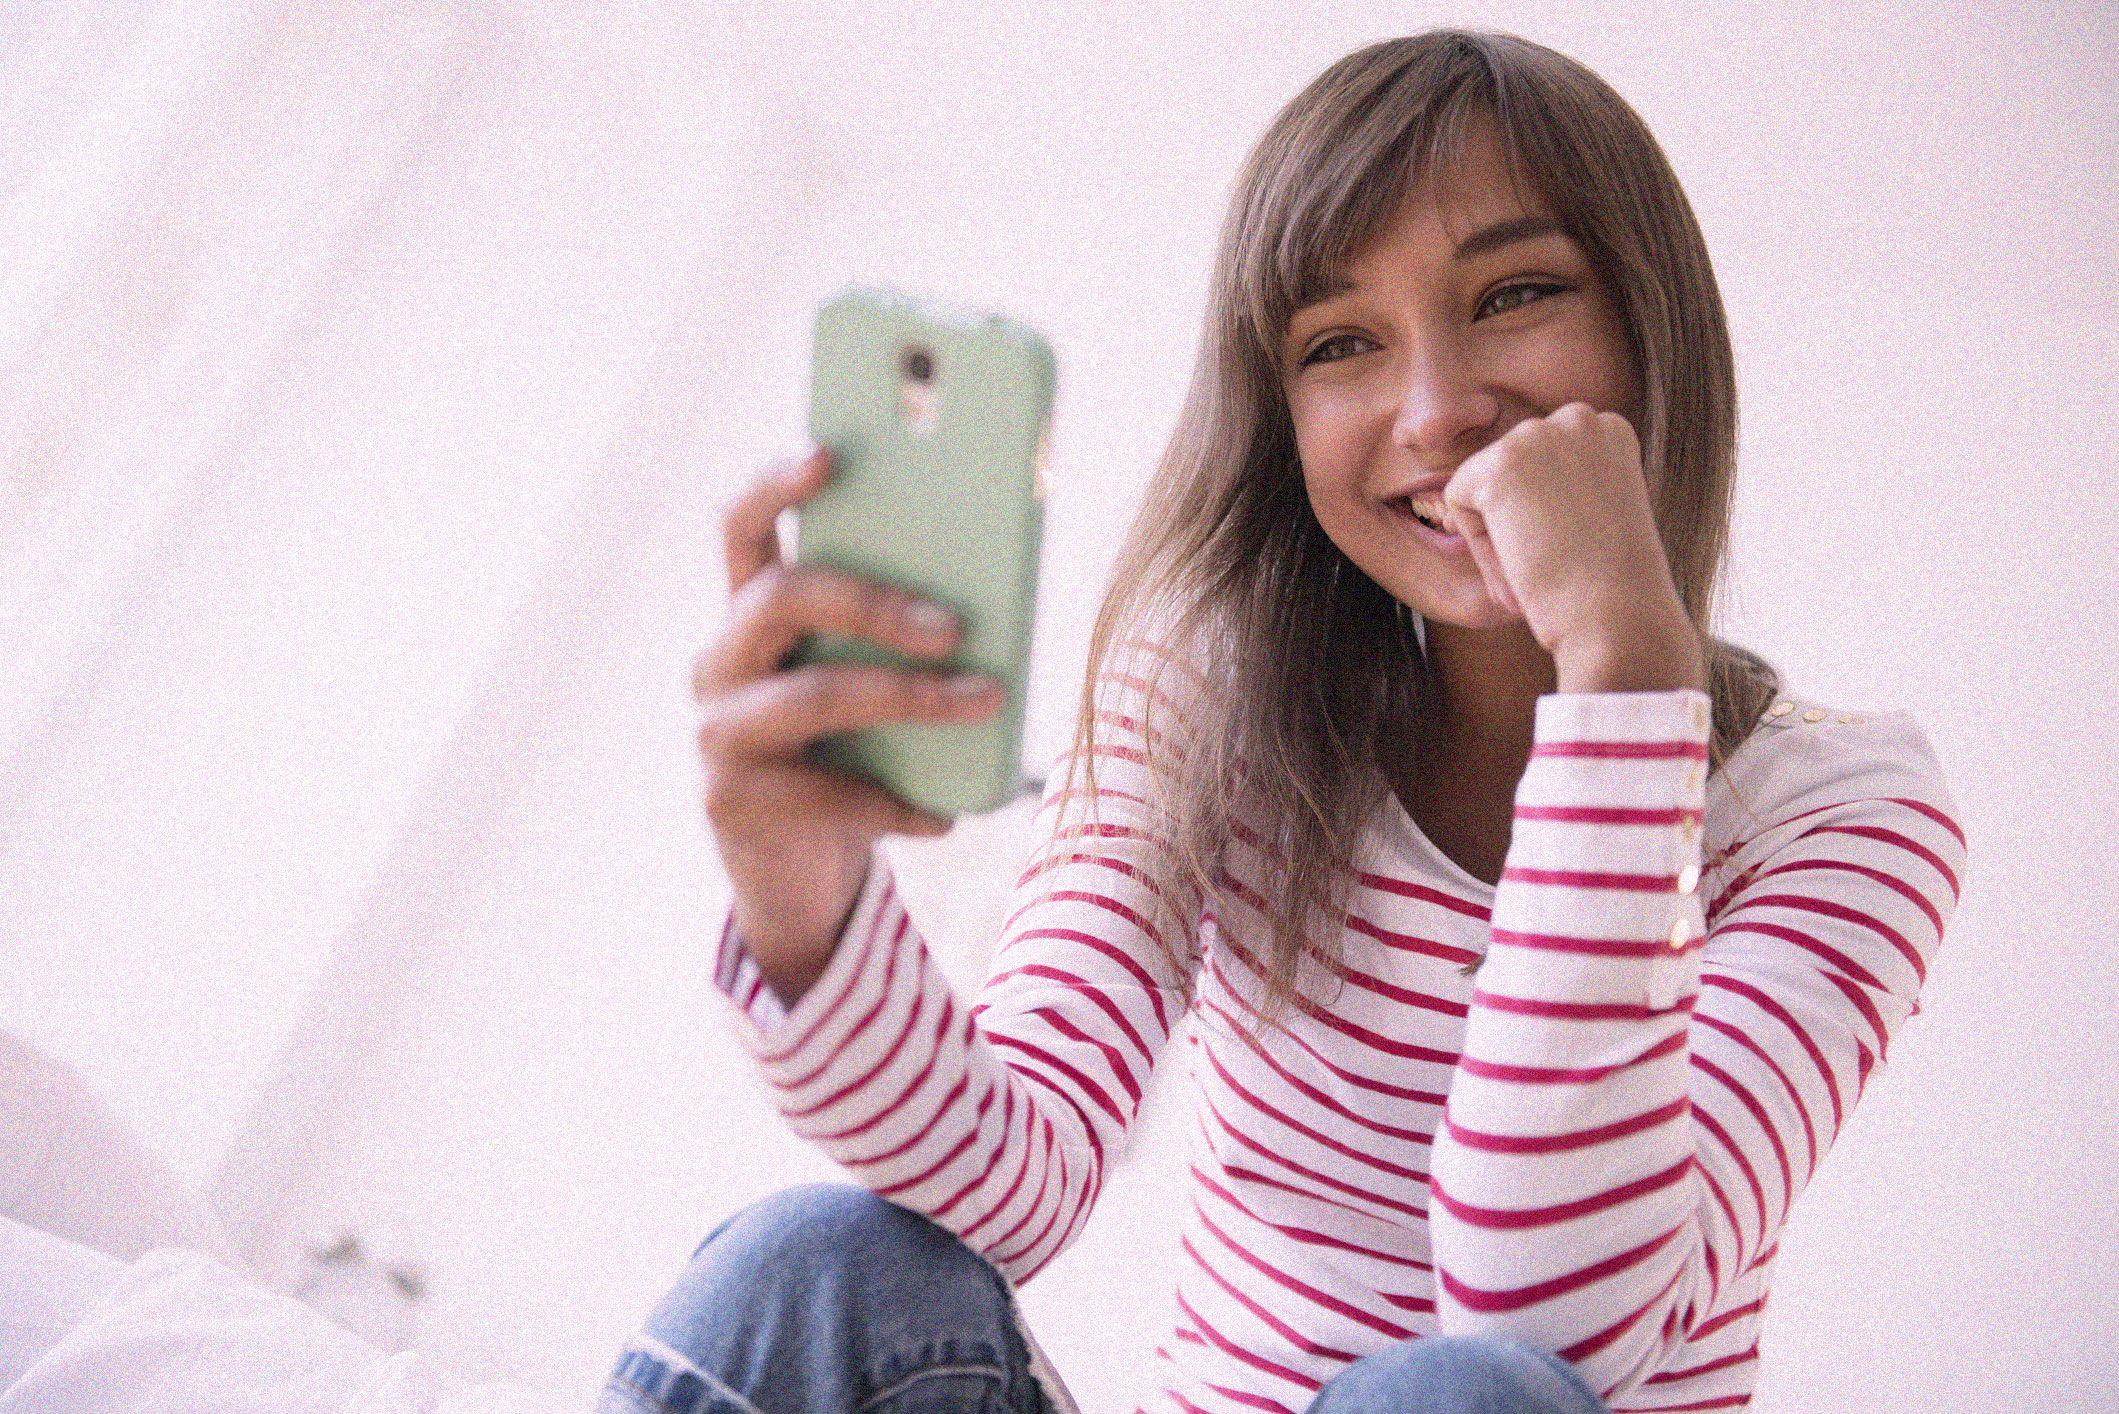 10 domande flirty per conquistare la tua crush via chat (se non c'è altro modo di attrarlo a te)